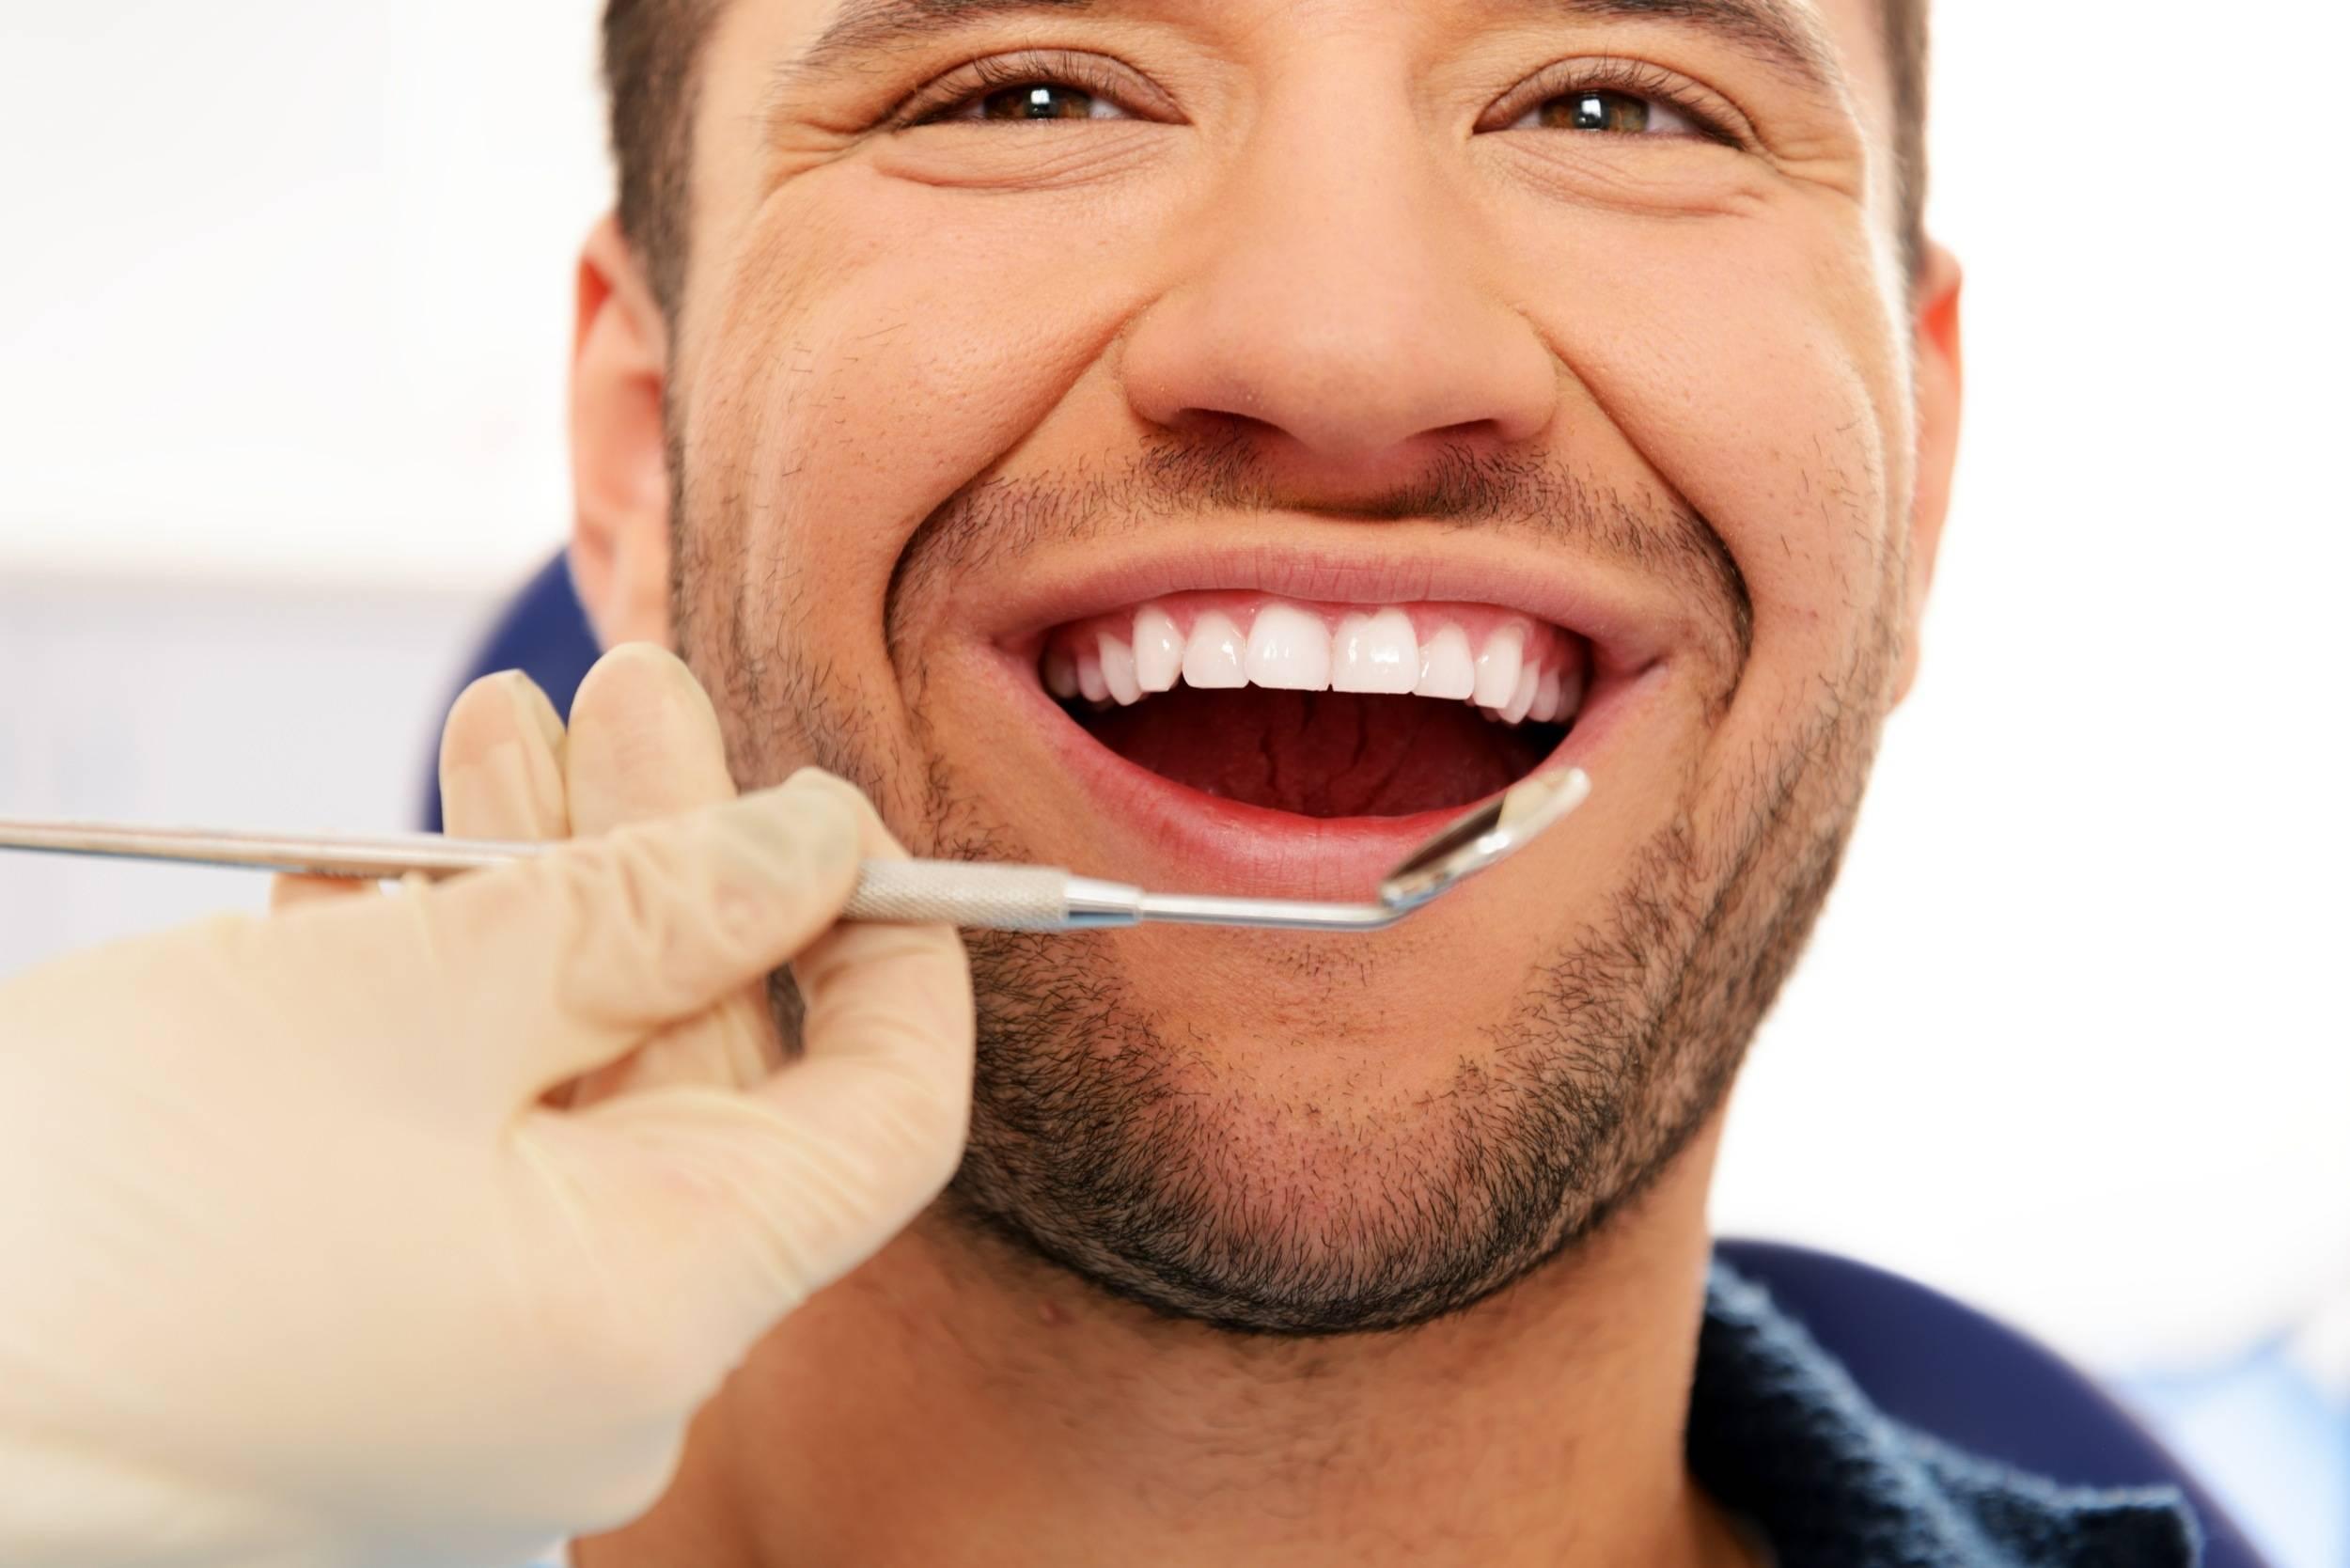 Можно ли курить айкос после отбеливания, удаления и чистки зубов